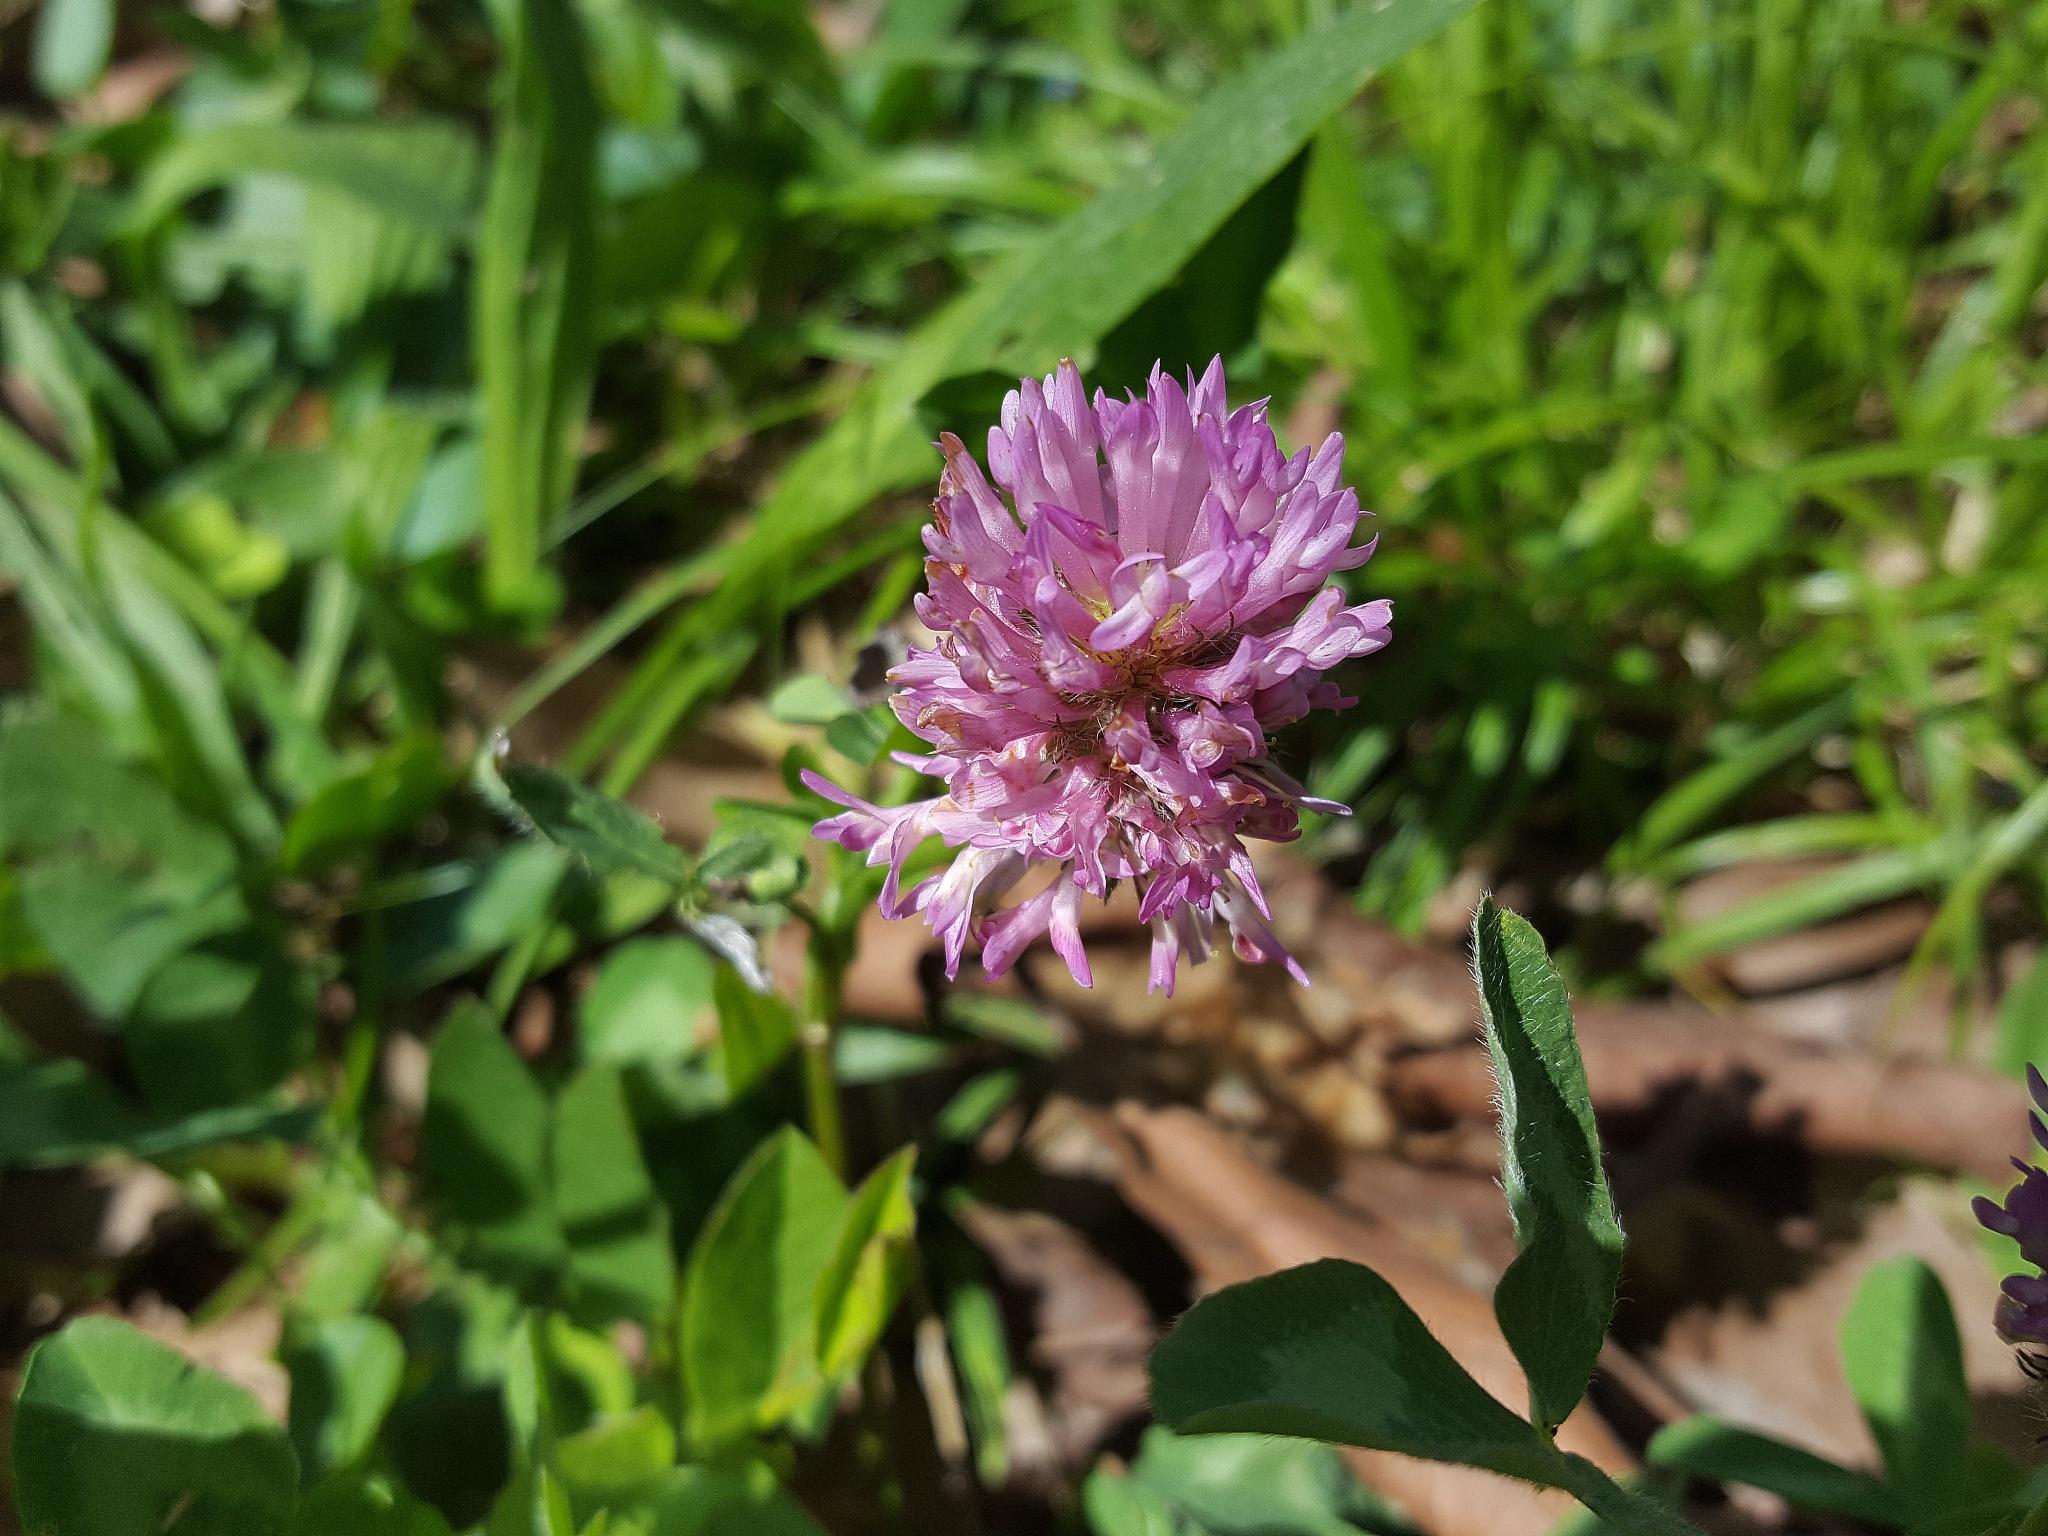 20160430_132909 Trifolium pratense (črna detelja) by zvnktomasevic